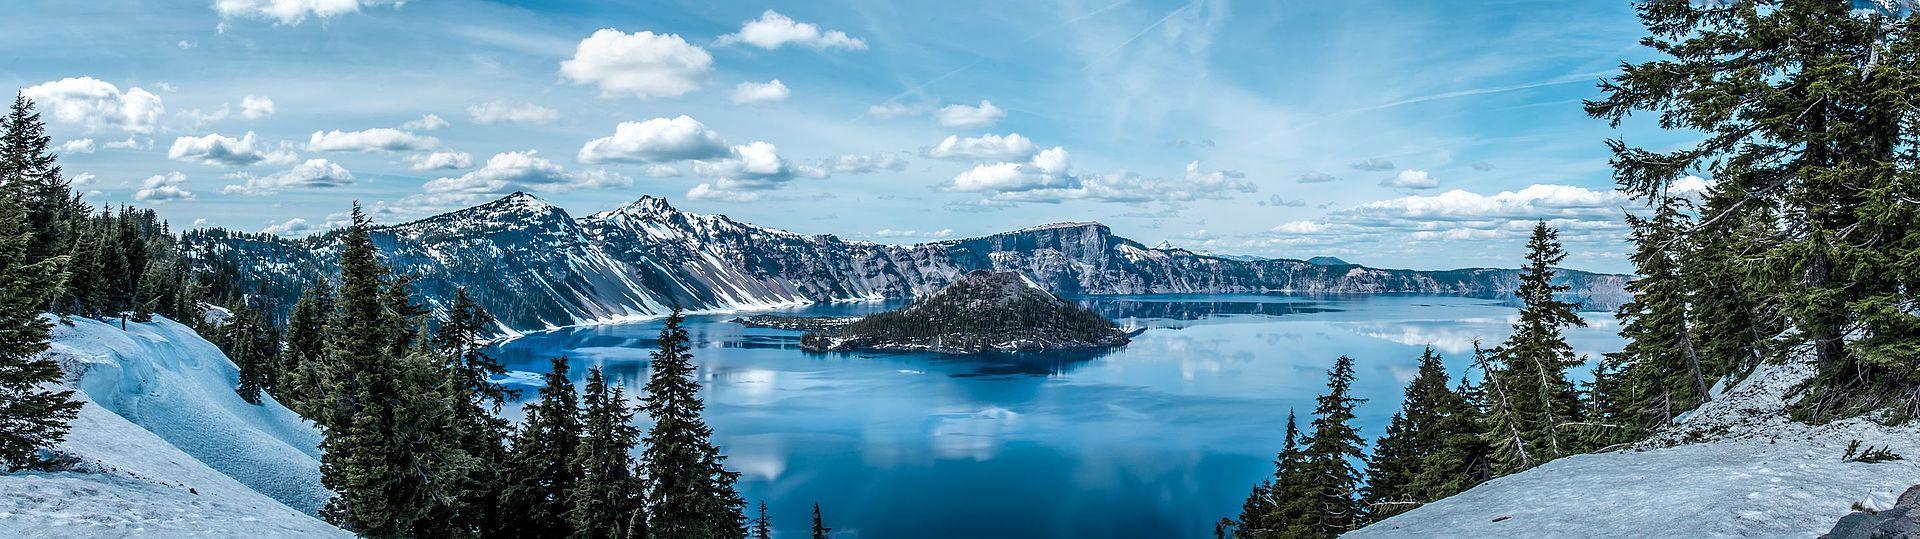 Achmathur_Crater_Lake_Panorama_Spring_2016.jpg